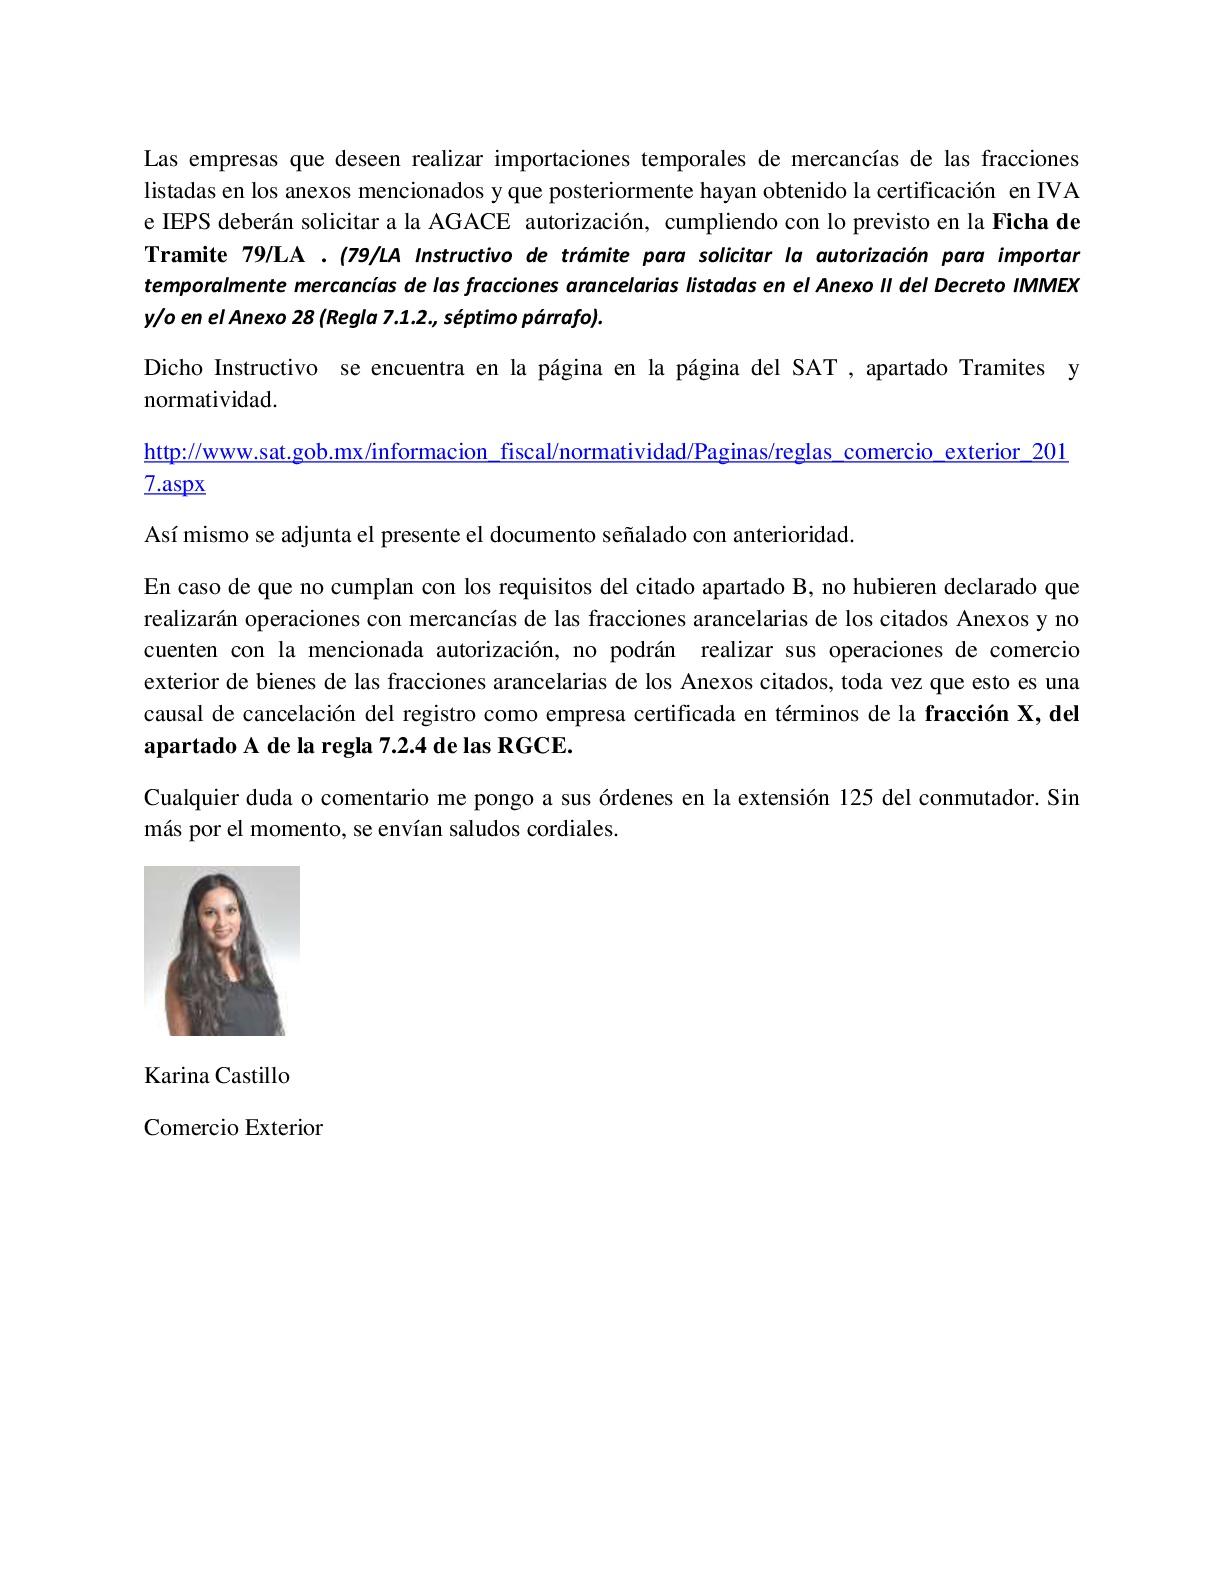 BOLETIN-INFORMATIVO---COMERCIO-EXTERIOR---KARINA-CASTILLO-002